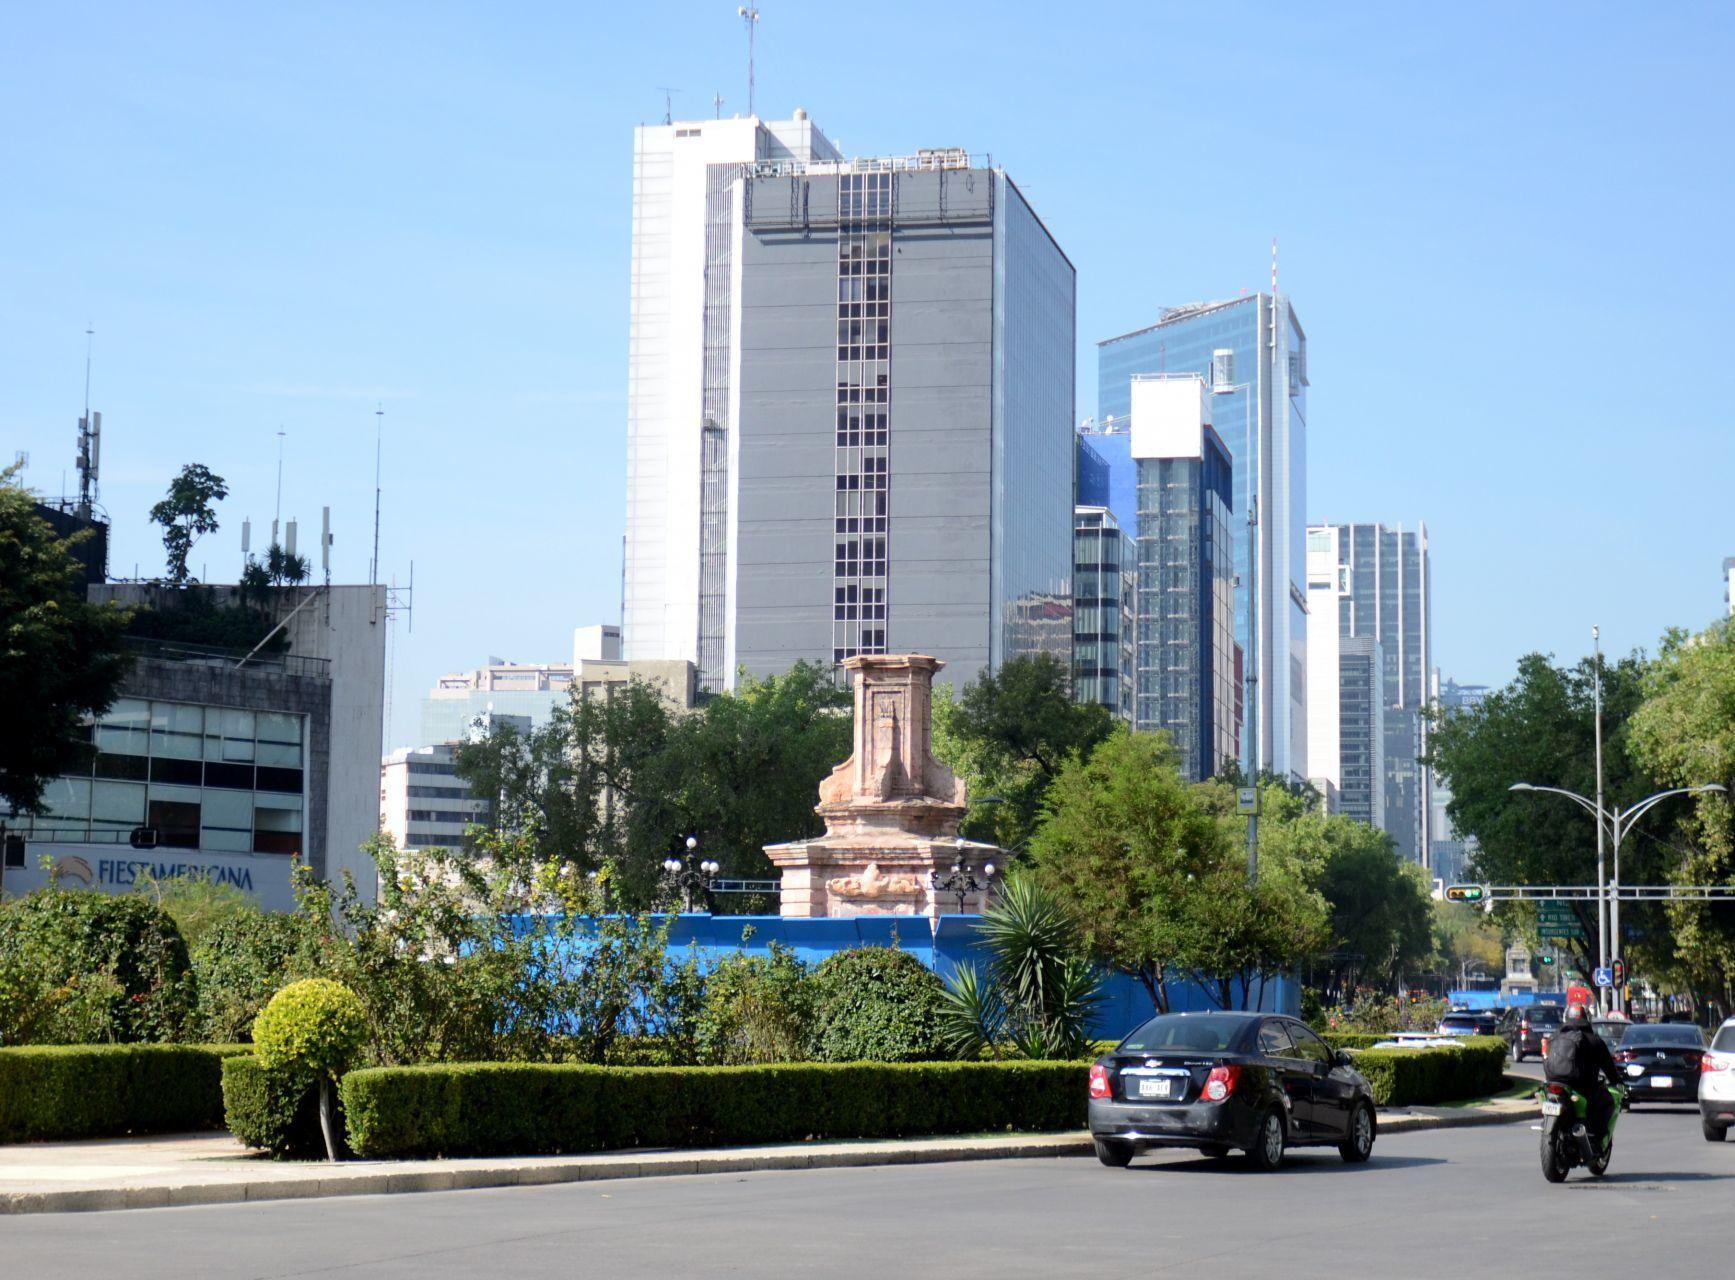 Retiran estatua de Cristóbal Colón en Paseo de la Reforma a unos días del 12 de octubre